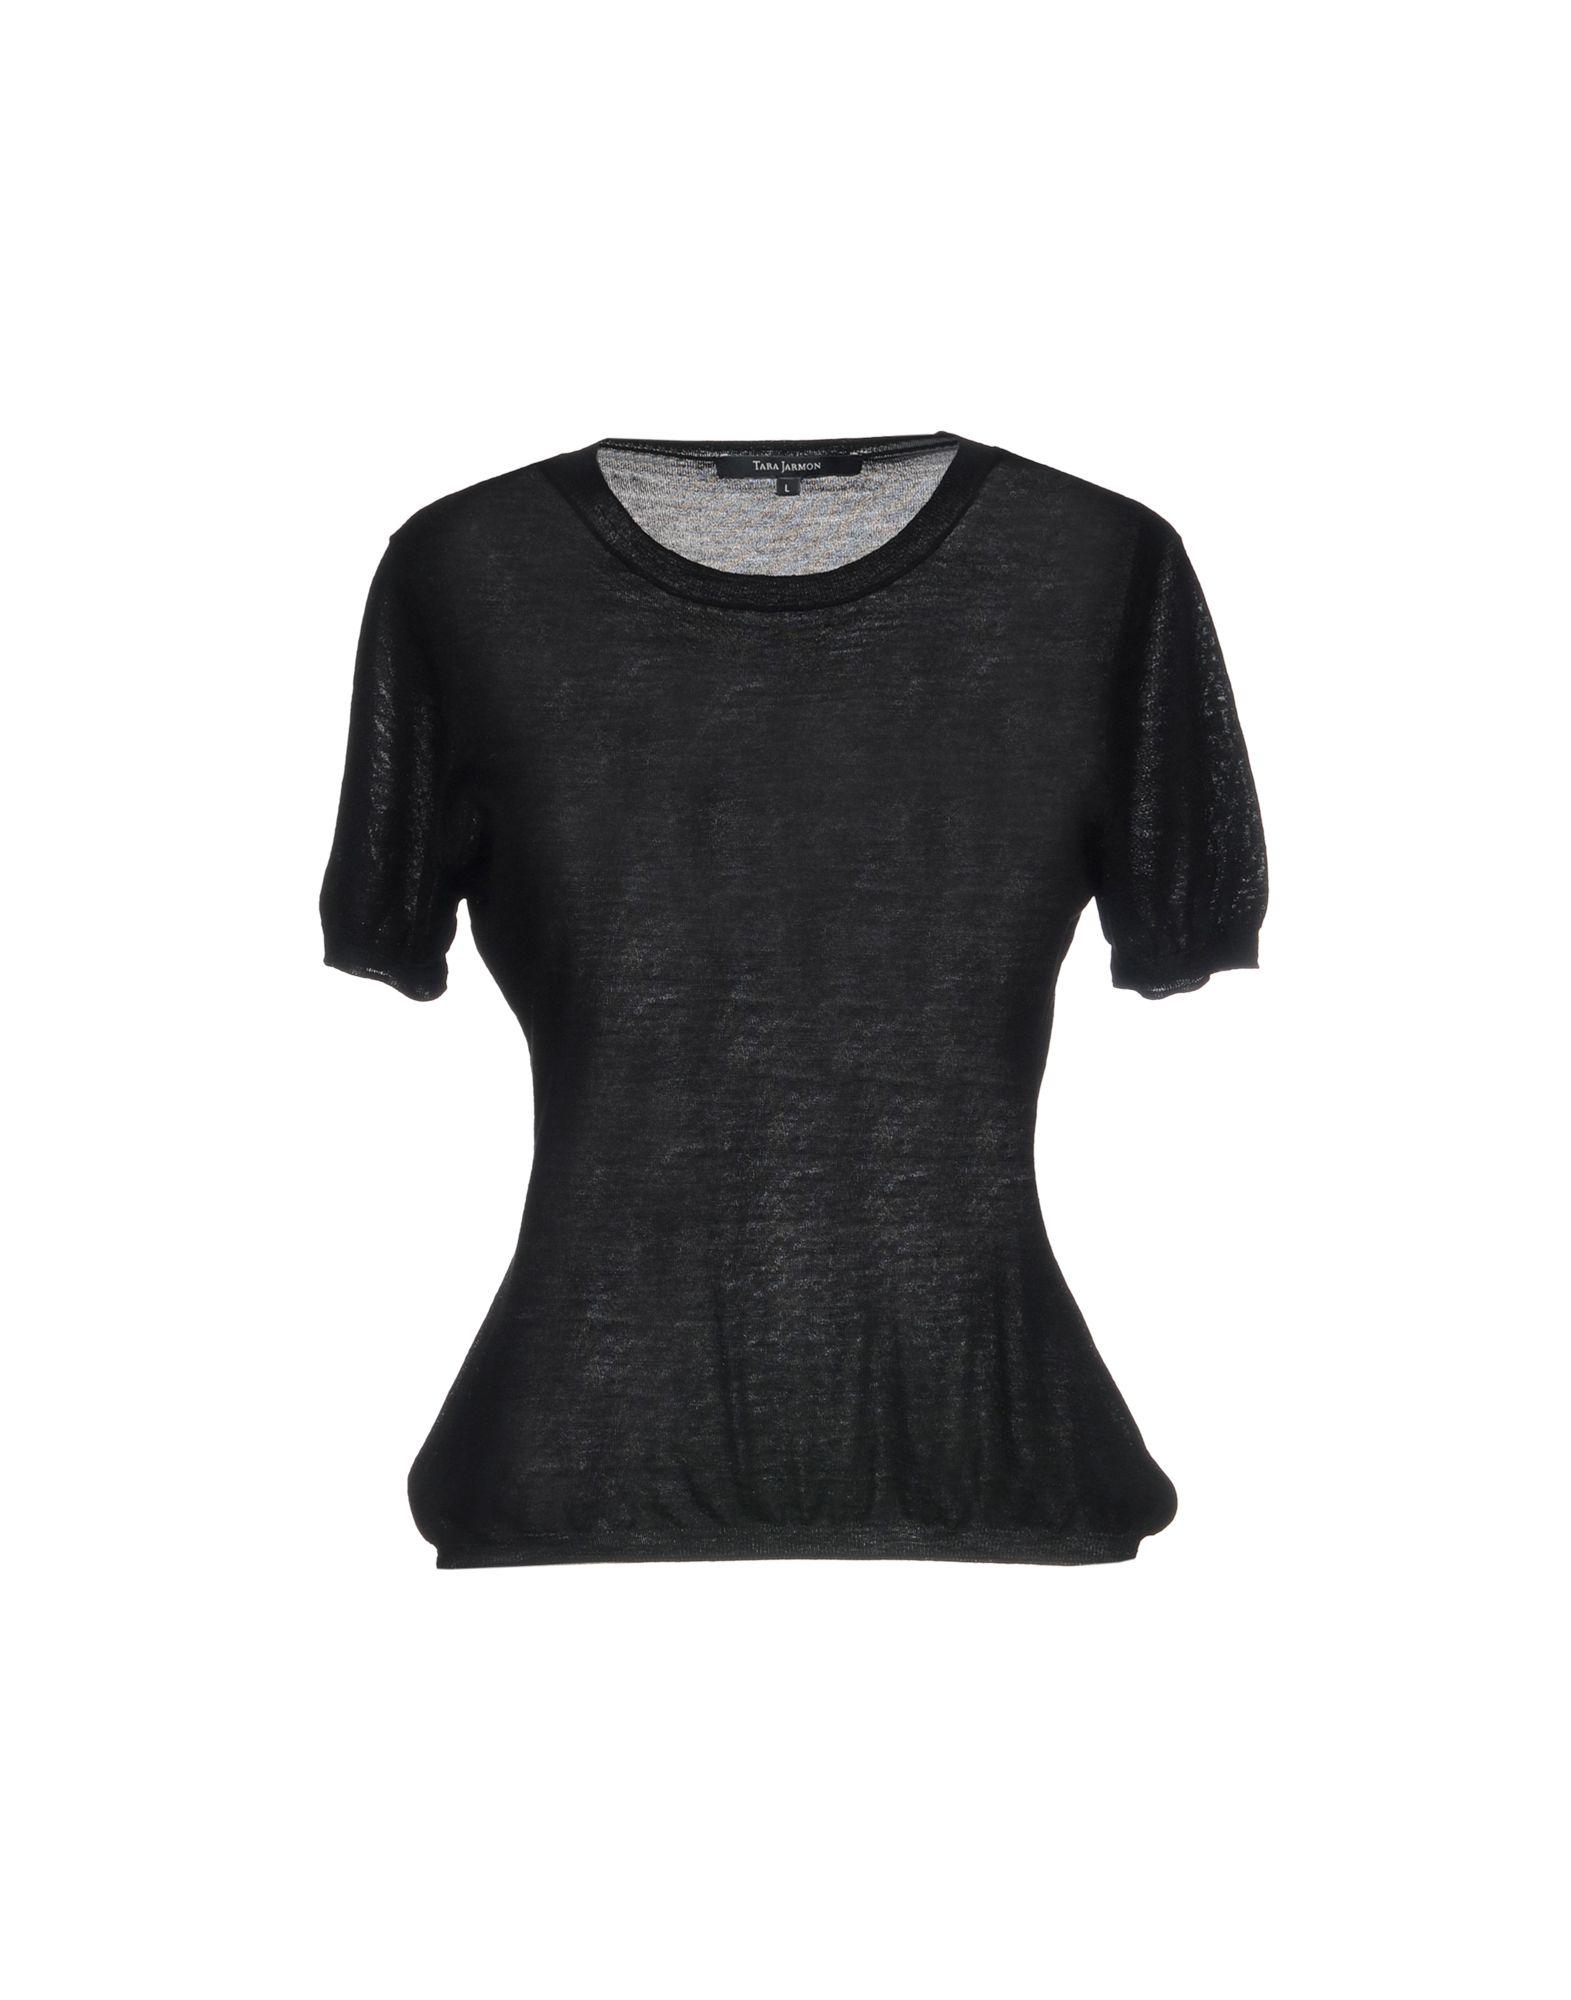 TARA JARMON Sweater in Black